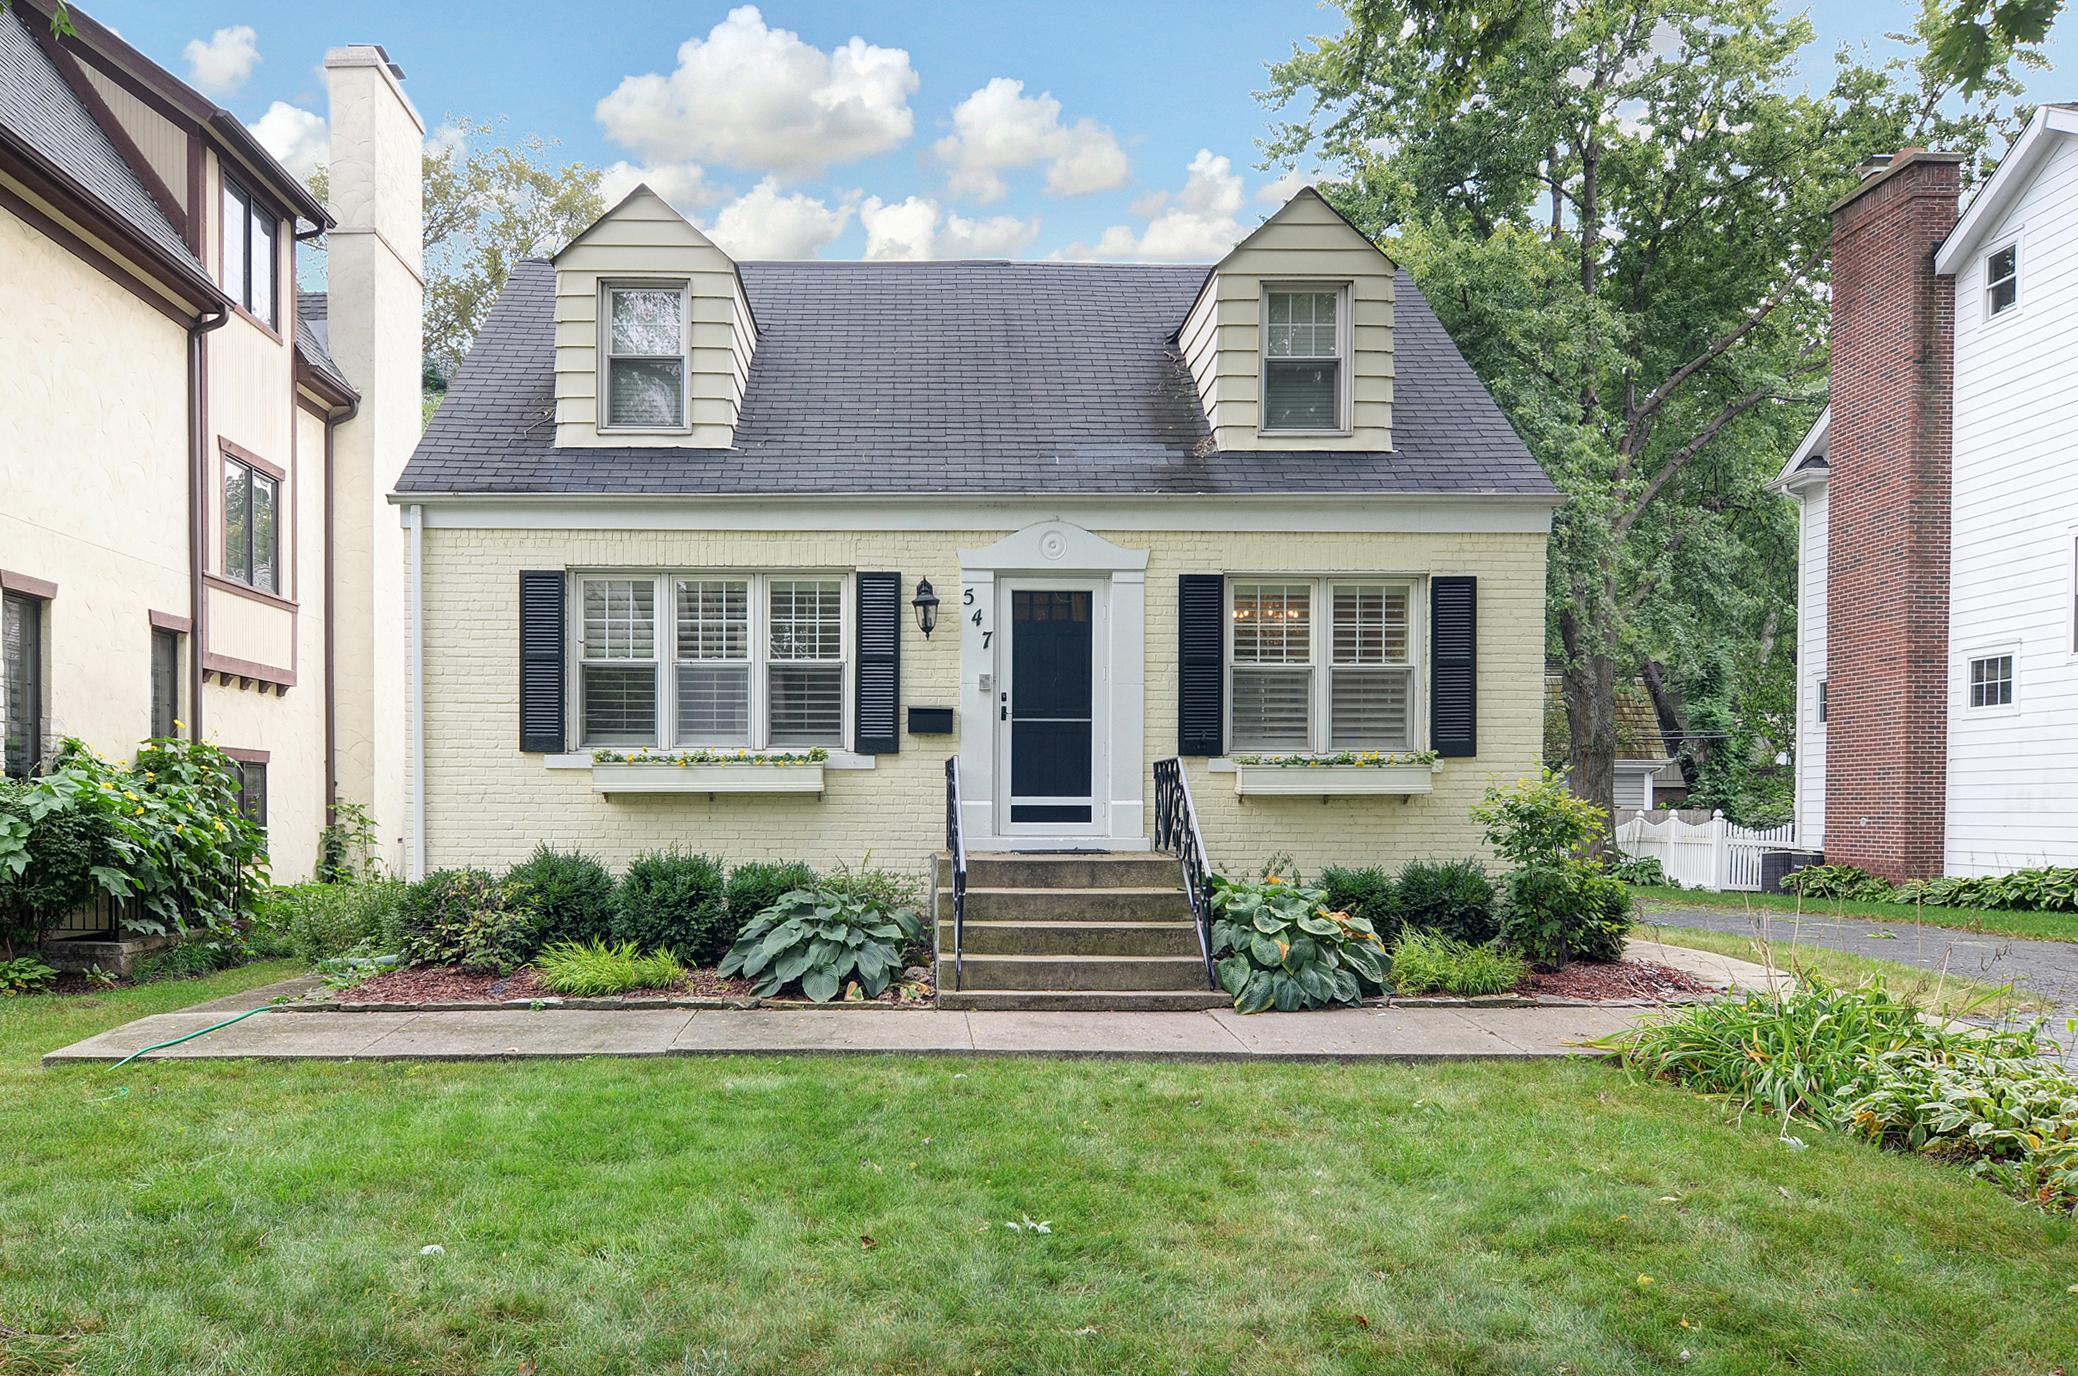 Maison unifamiliale pour l Vente à 547 N. County Line Rd. Hinsdale, Illinois, 60521 États-Unis